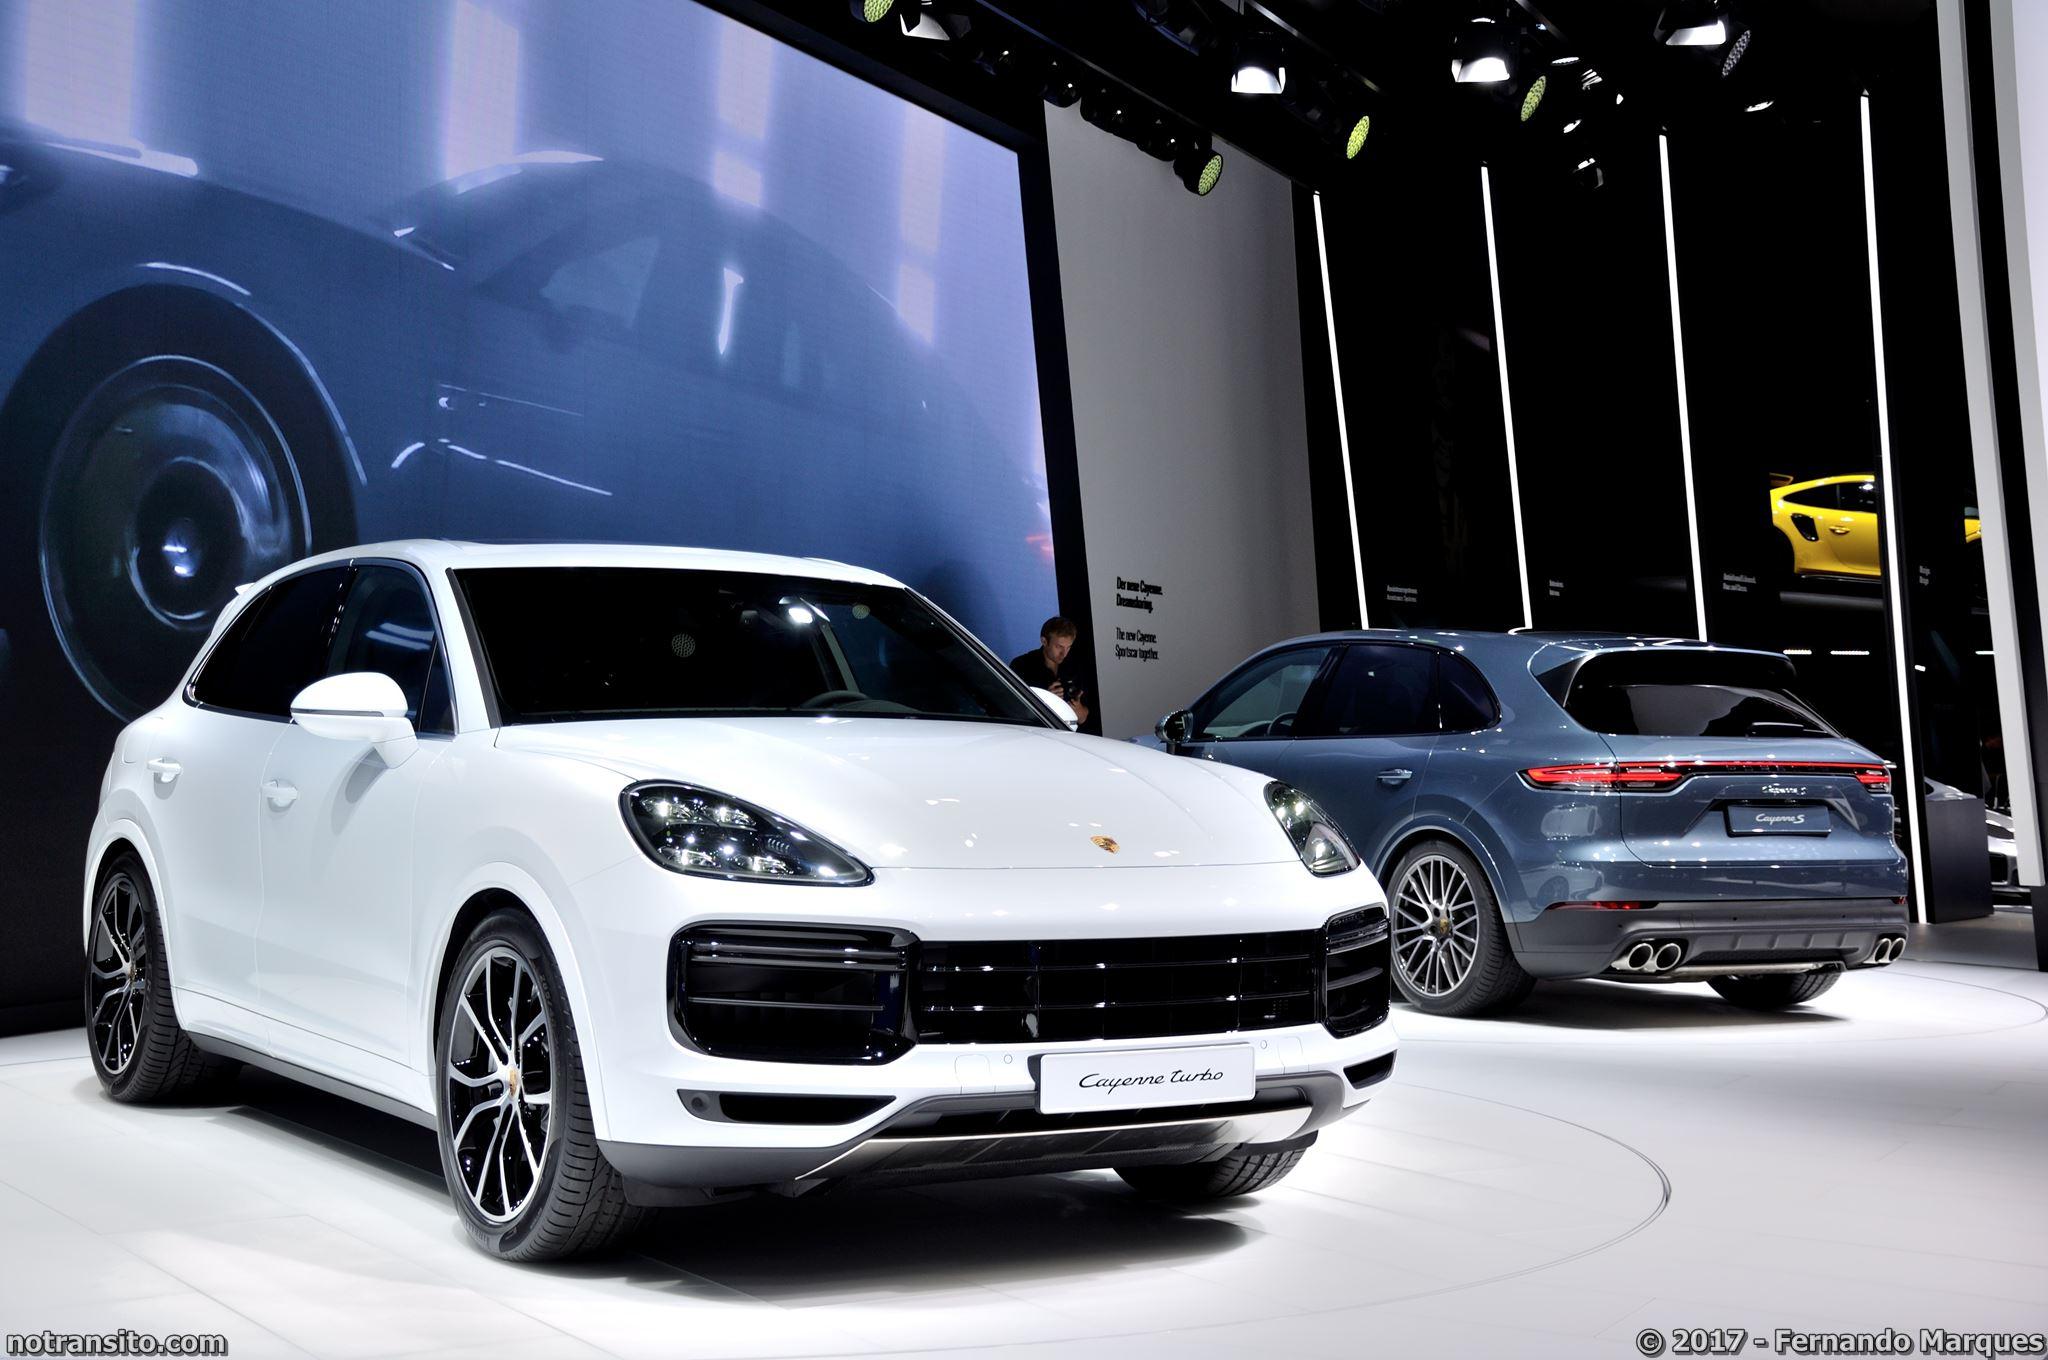 Porsche-Cayenne-Turbo-Frankfurt-2017-001